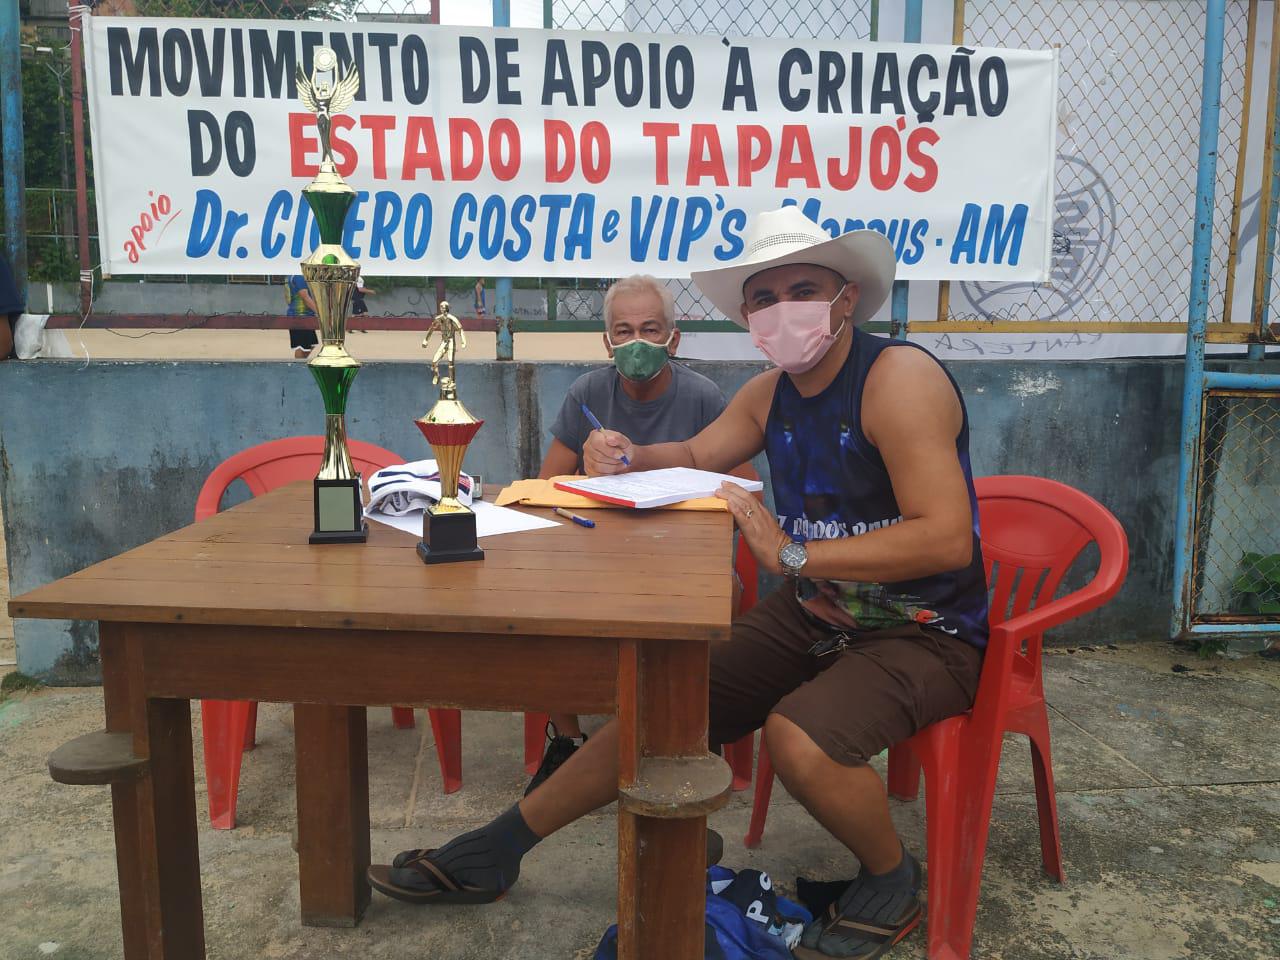 Associação de Paraenses no Amazonas promove coleta de assinaturas pró estado do Tapajós em Manaus.